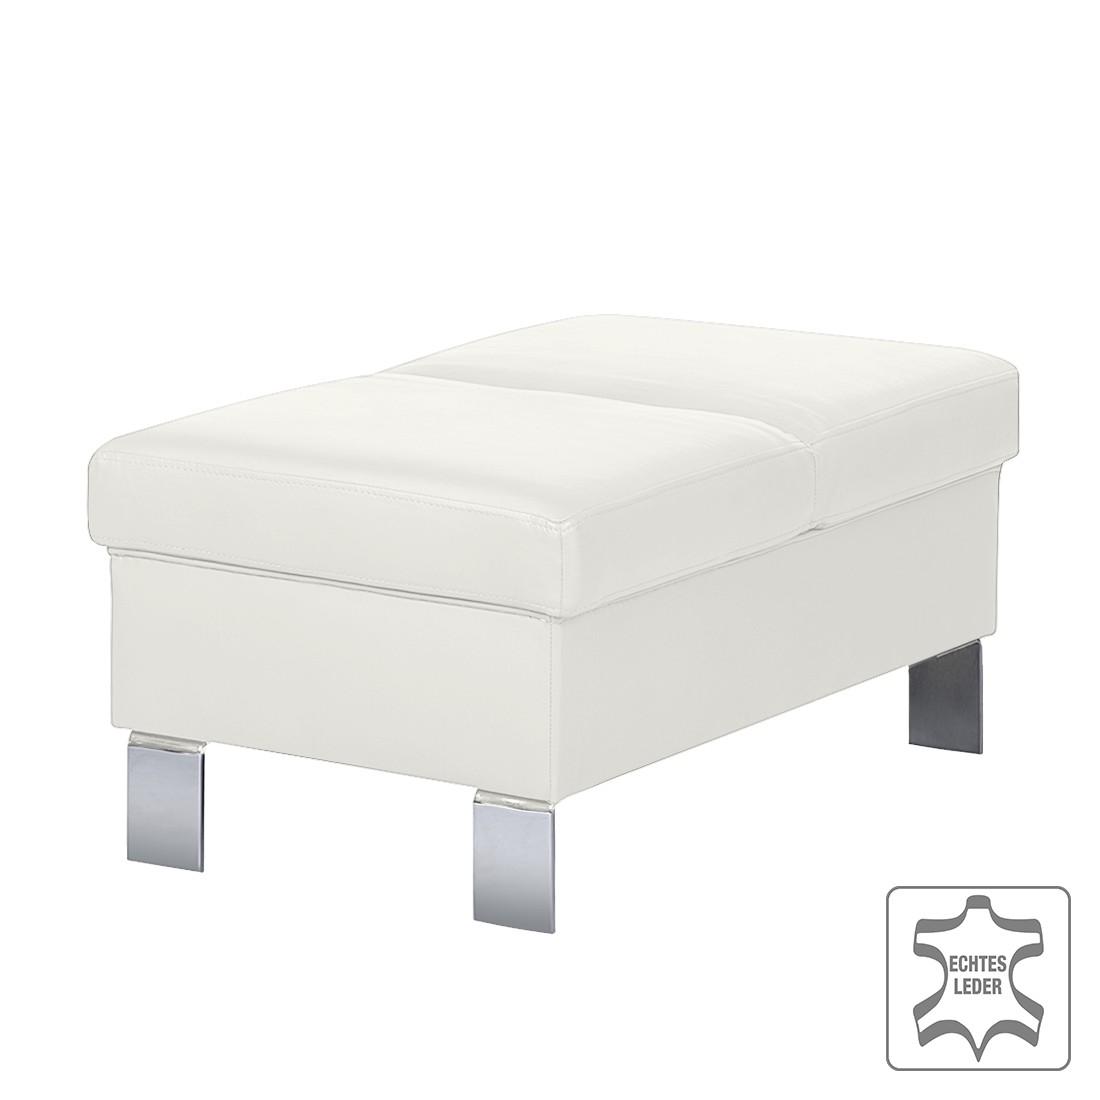 Weiss Leder Sitzhocker Online Kaufen Möbel Suchmaschine